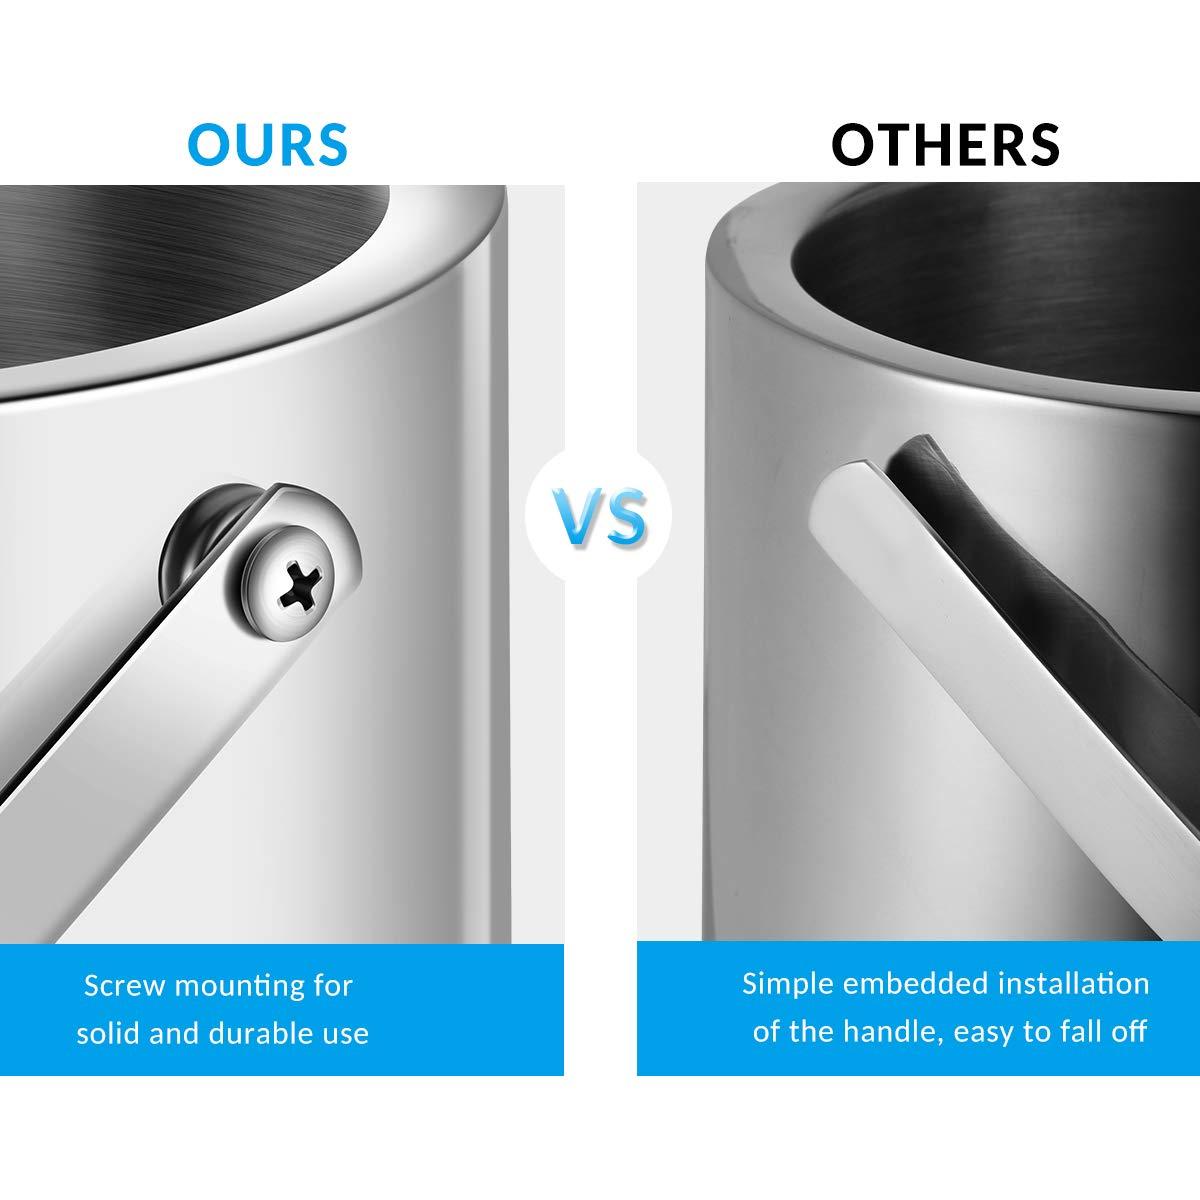 passe au lave-vaisselle Hemoton Seau /à glace portable en acier inoxydable durable avec double paroi et filtre /à eau pour bar f/ête plus long temps de refroidissement pique-nique